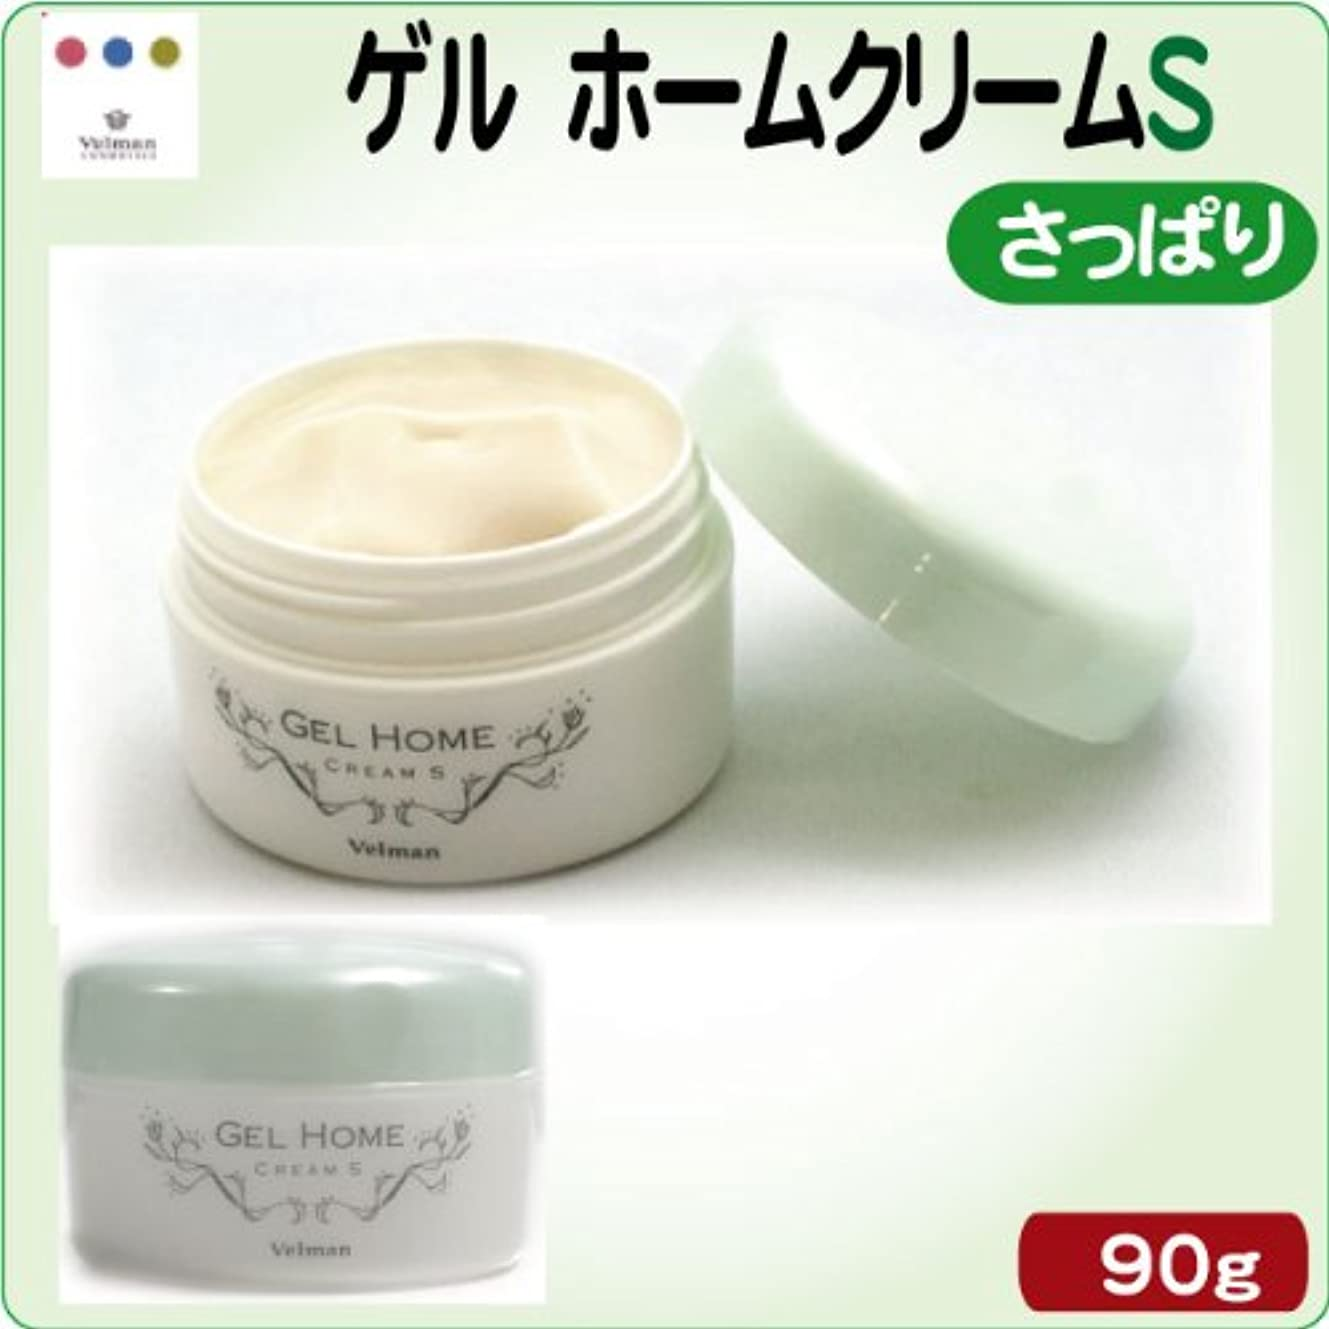 天国聖域集団ベルマン化粧品 NONLOOSE ゲルホームクリームS 【さっぱりタイプ】 90g